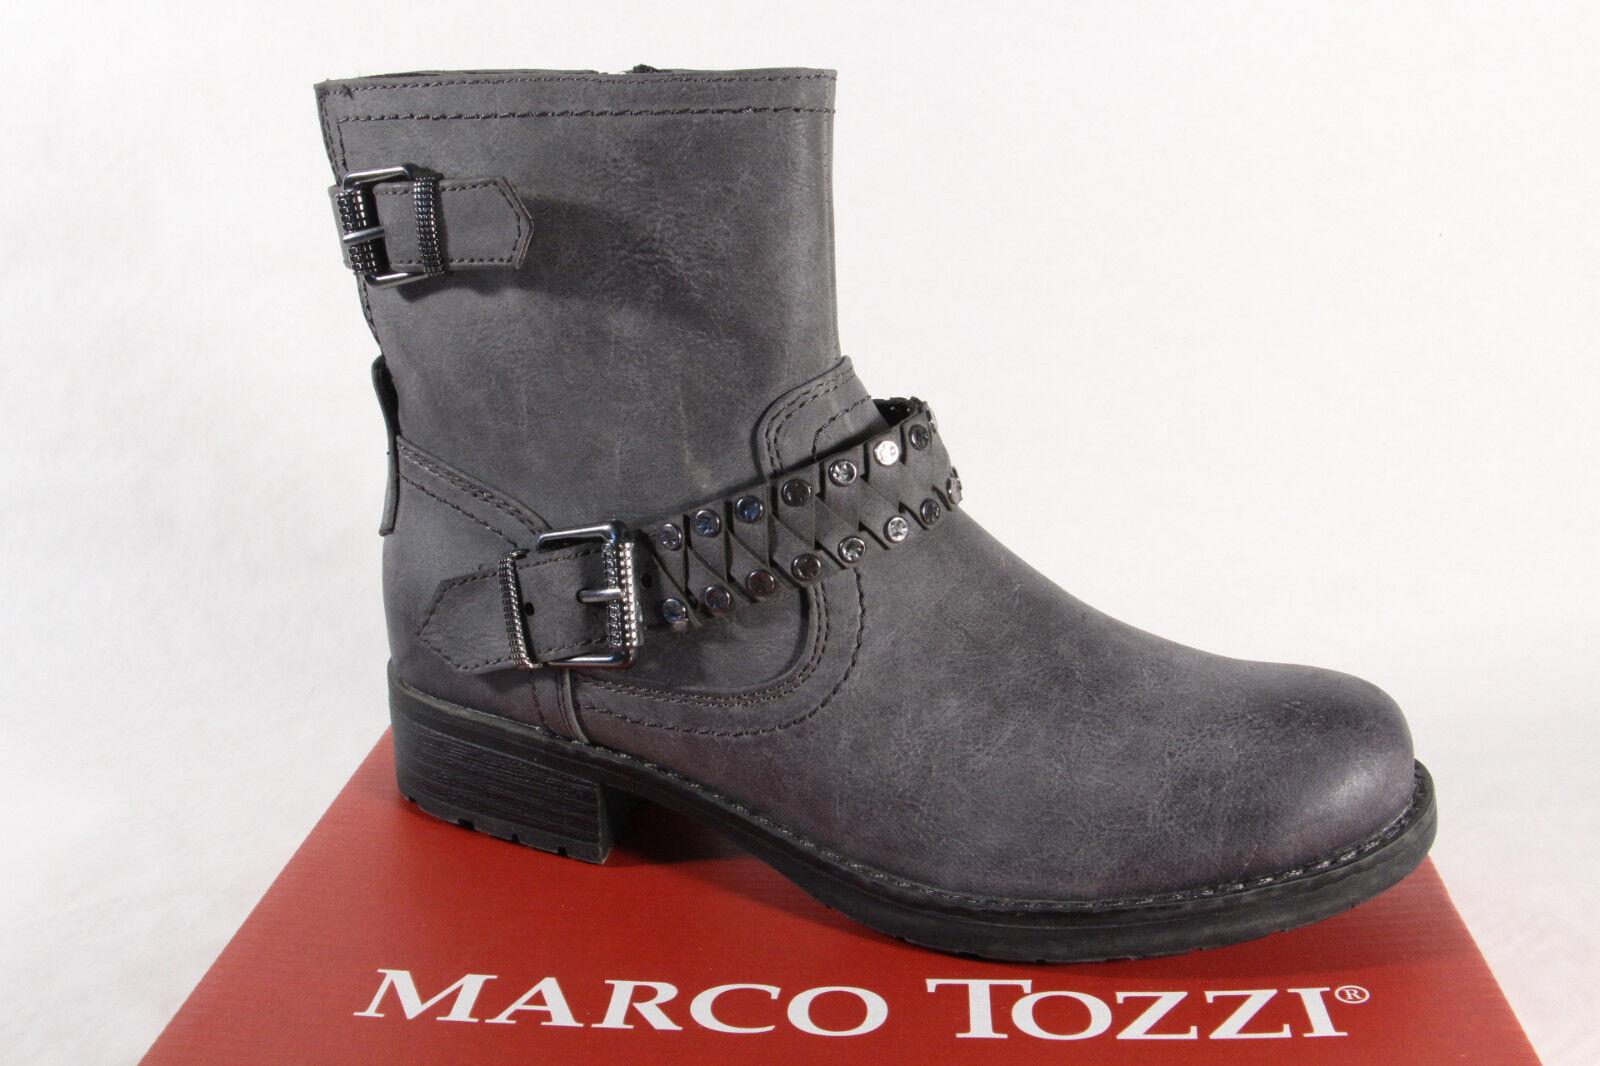 Marco Tozzi 25800 Damen Stiefel, Stiefelette, Stiefel grau 25800 NEU